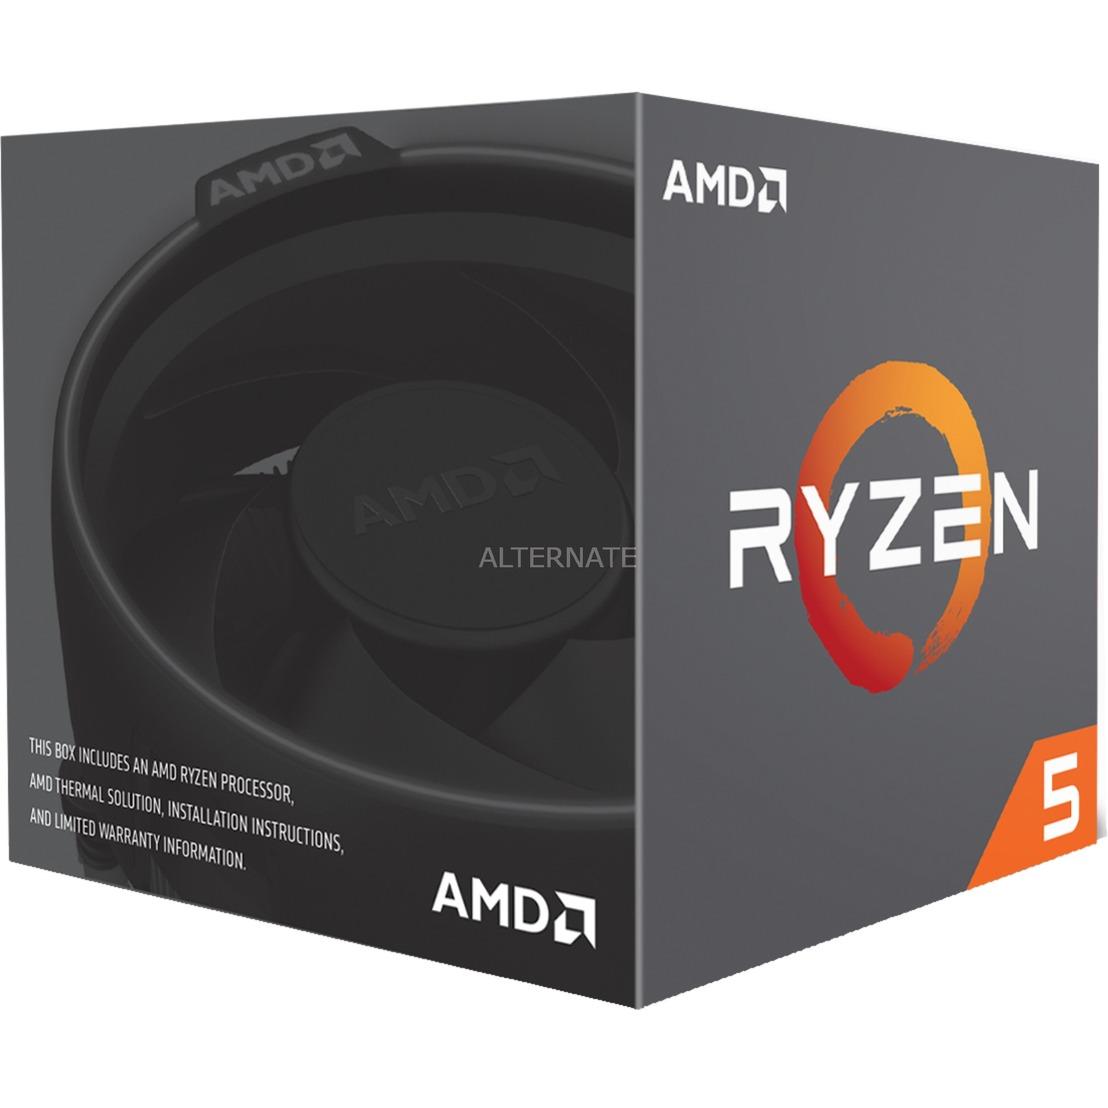 Ryzen 5 2600X, 3,6 GHz (4,25 GHz Turbo Boost), Processeur